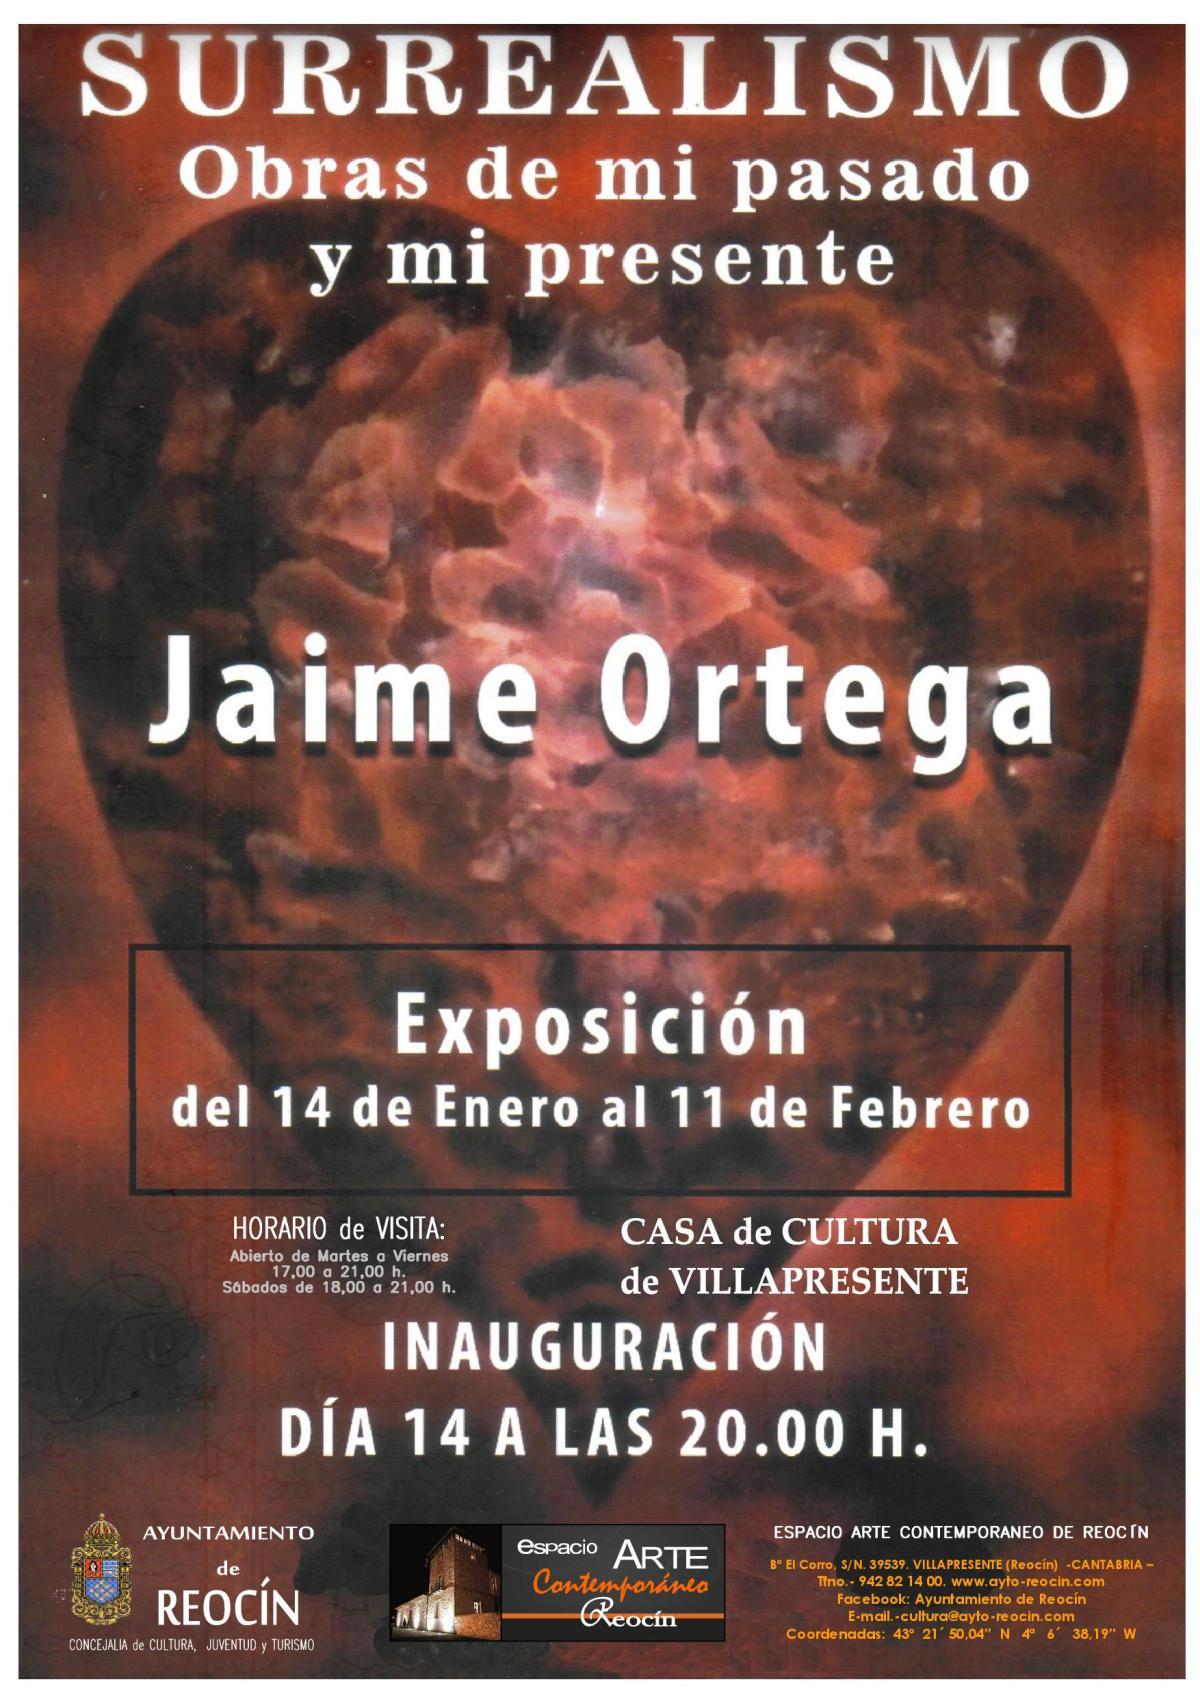 cartel-expo-surrealismo-2017-villapresente